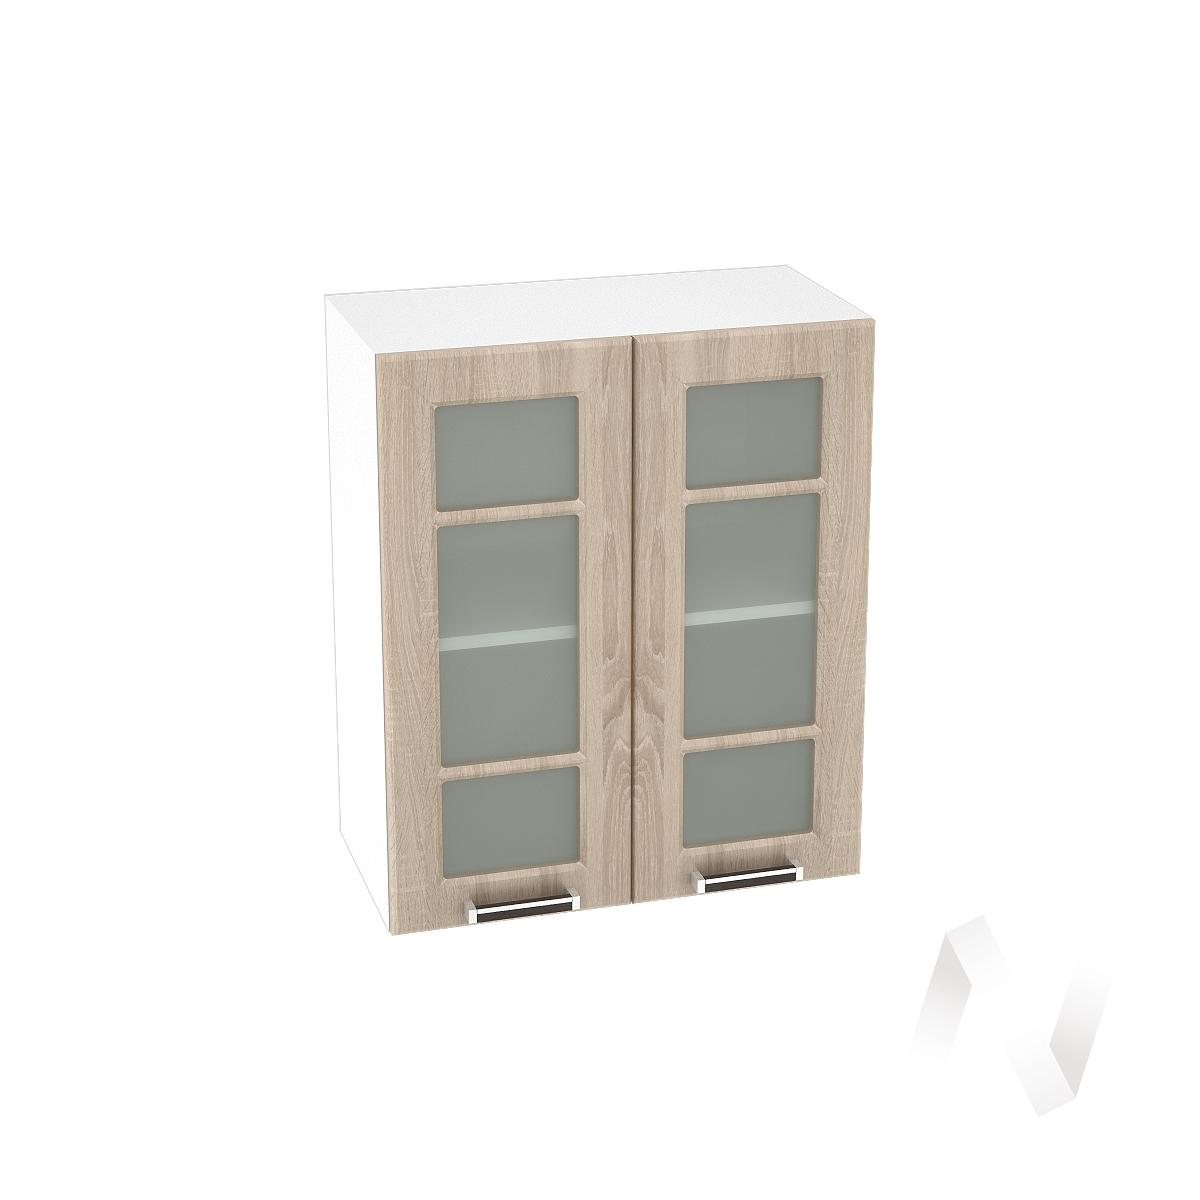 """Кухня """"Прага"""": Шкаф верхний со стеклом 600, ШВС 600 новый (дуб сонома/корпус белый)"""